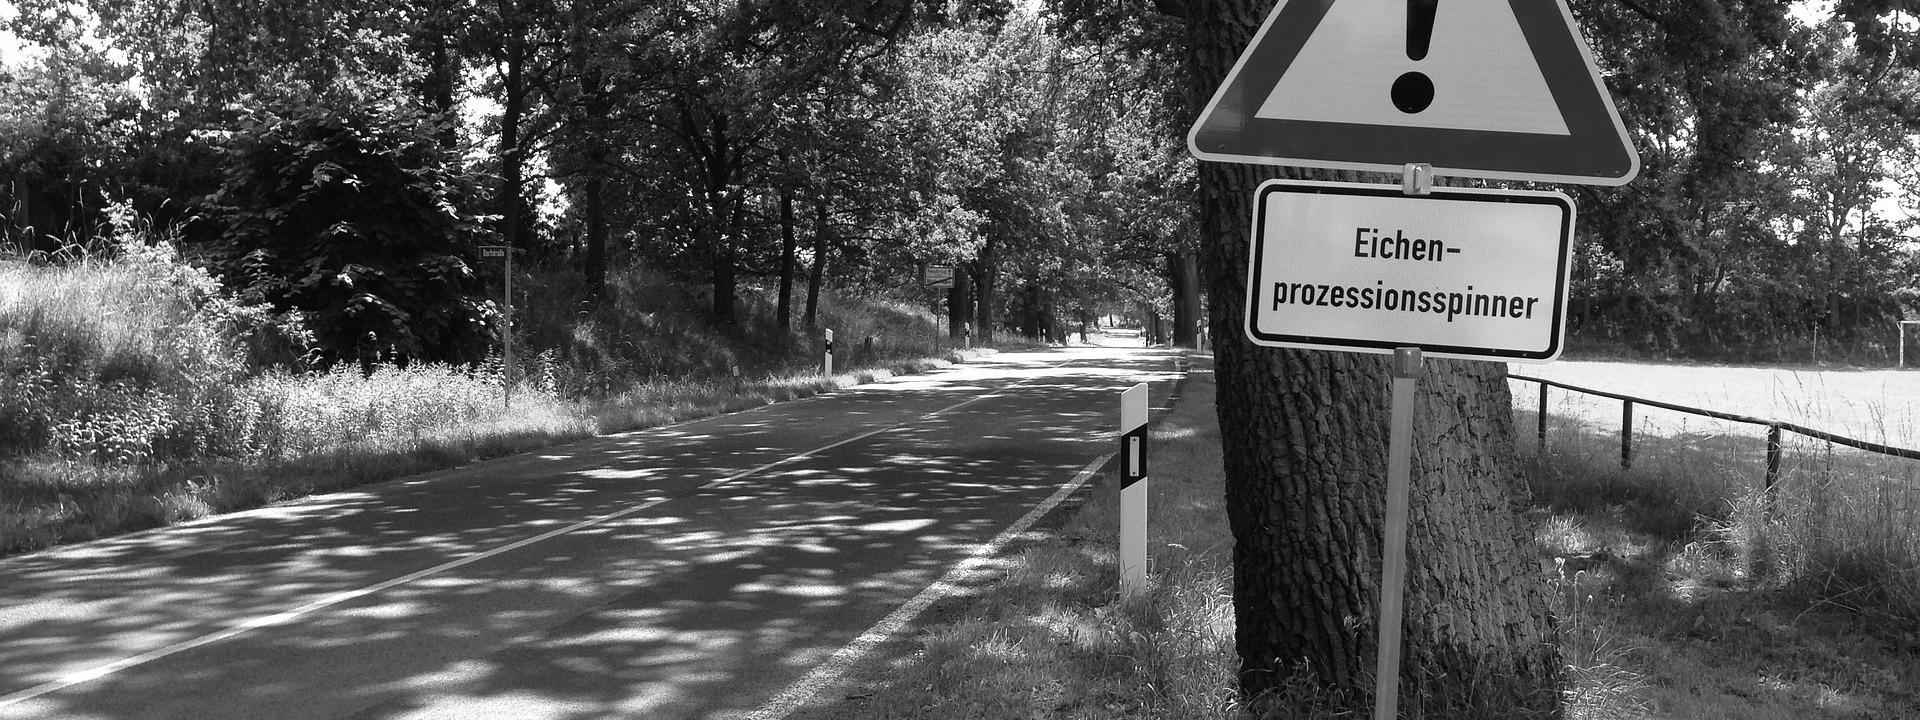 Eilmeldung! Erneuter Vorfall durch Eichen-Prozessionsspinner an der Schillerschule und Max-Planck-Realschule in Bretten